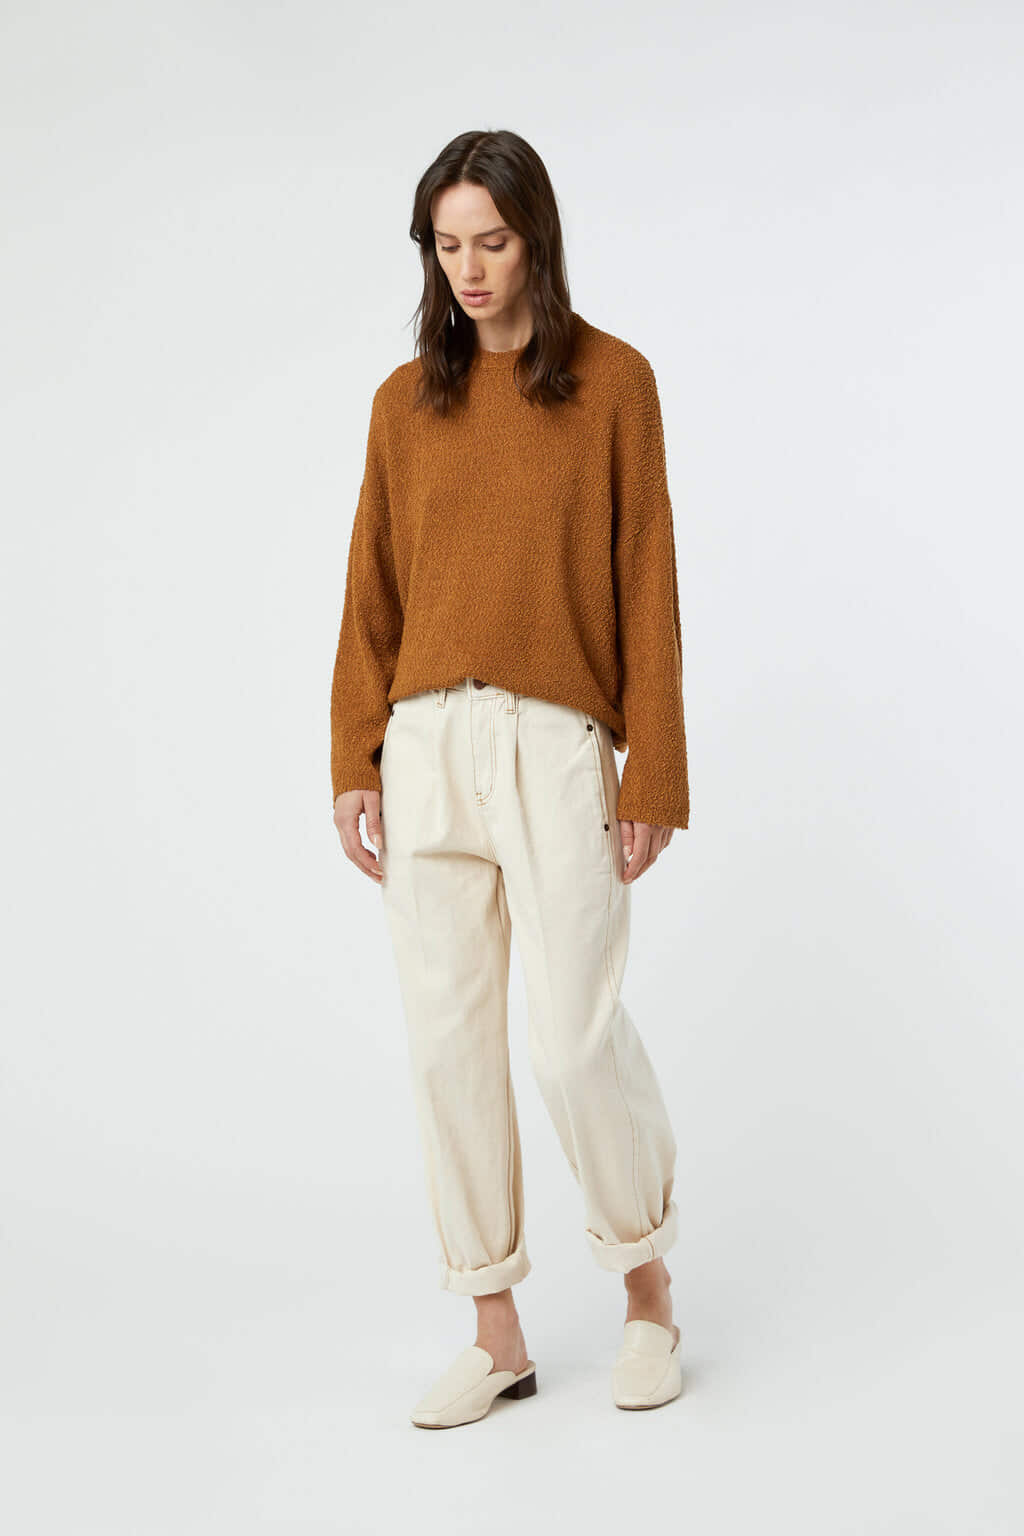 Sweater 3212 Tan 9